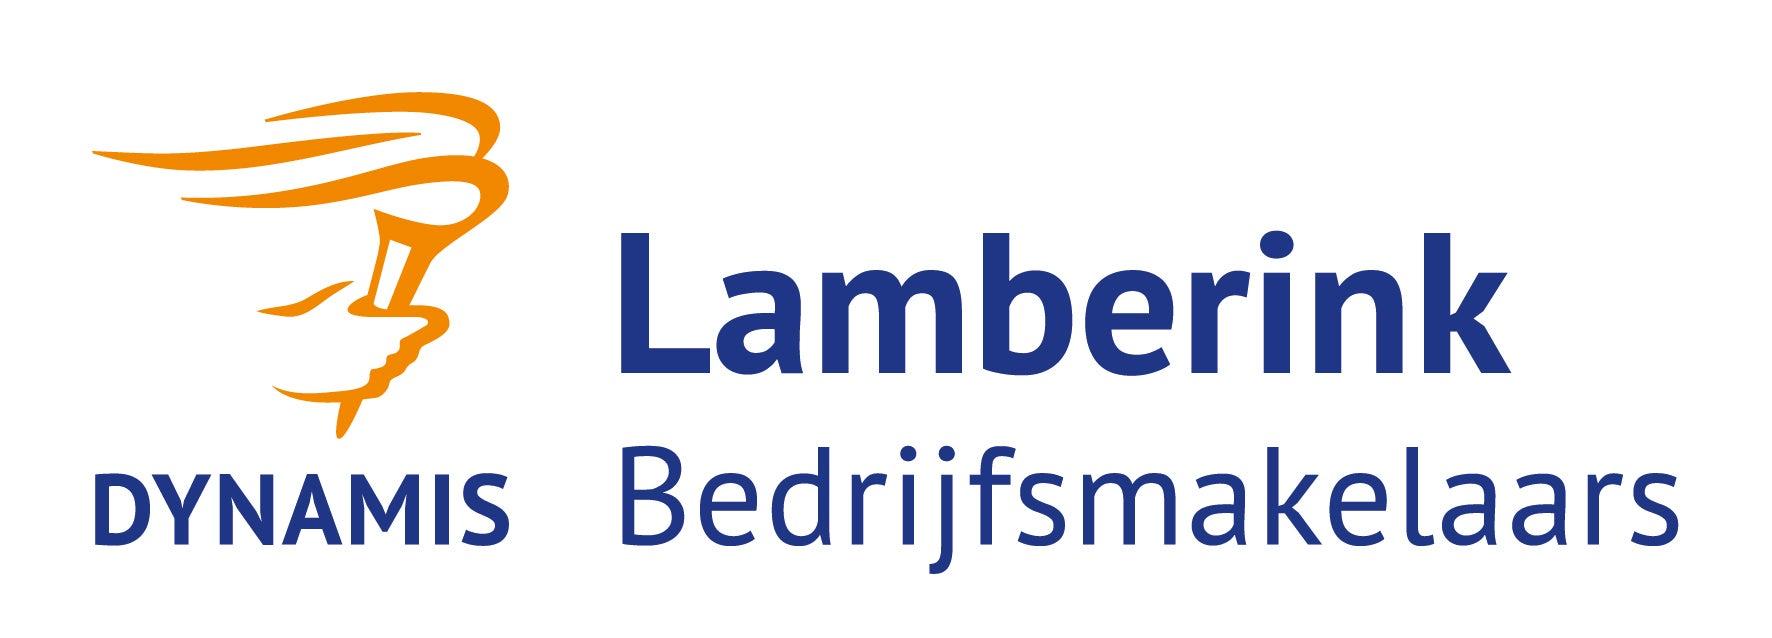 Partner logo | Lamberink Bedrijfsmakelaars